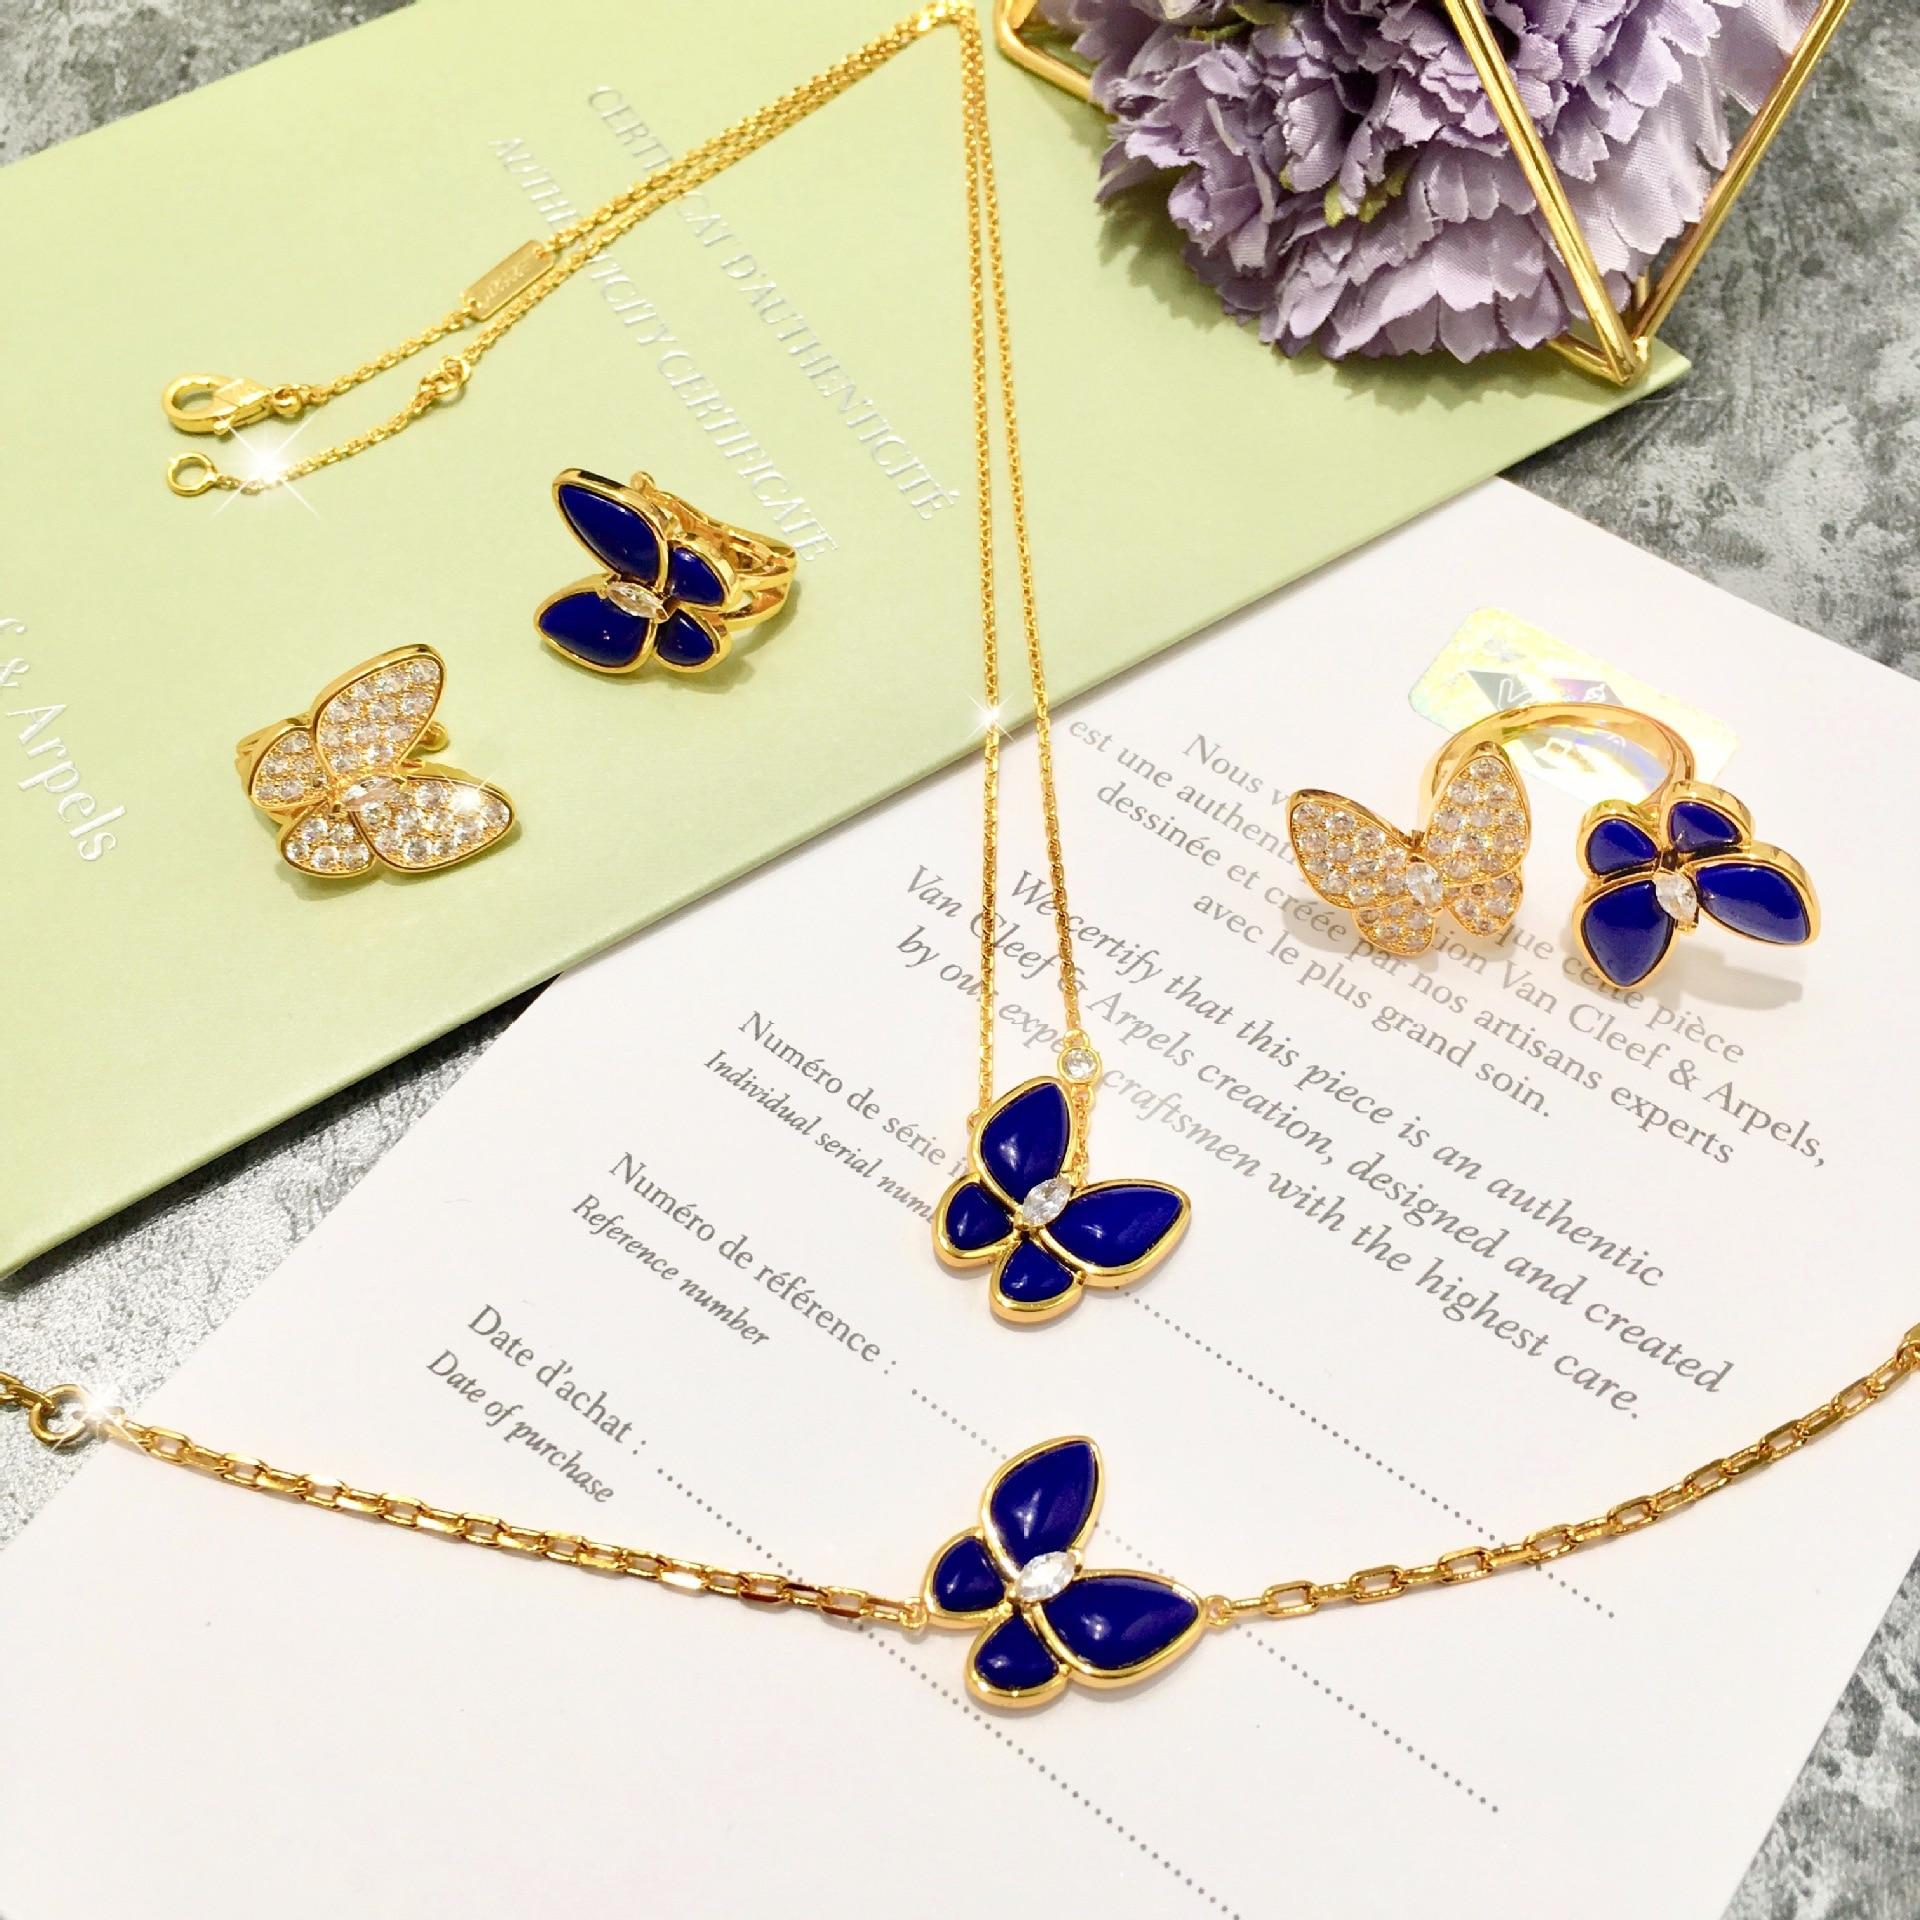 Bague femme chaude bijoux belle papillon mode personnalité visage lisse pour envoyer des cadeaux pour les amoureux 2019 nouveau - 5